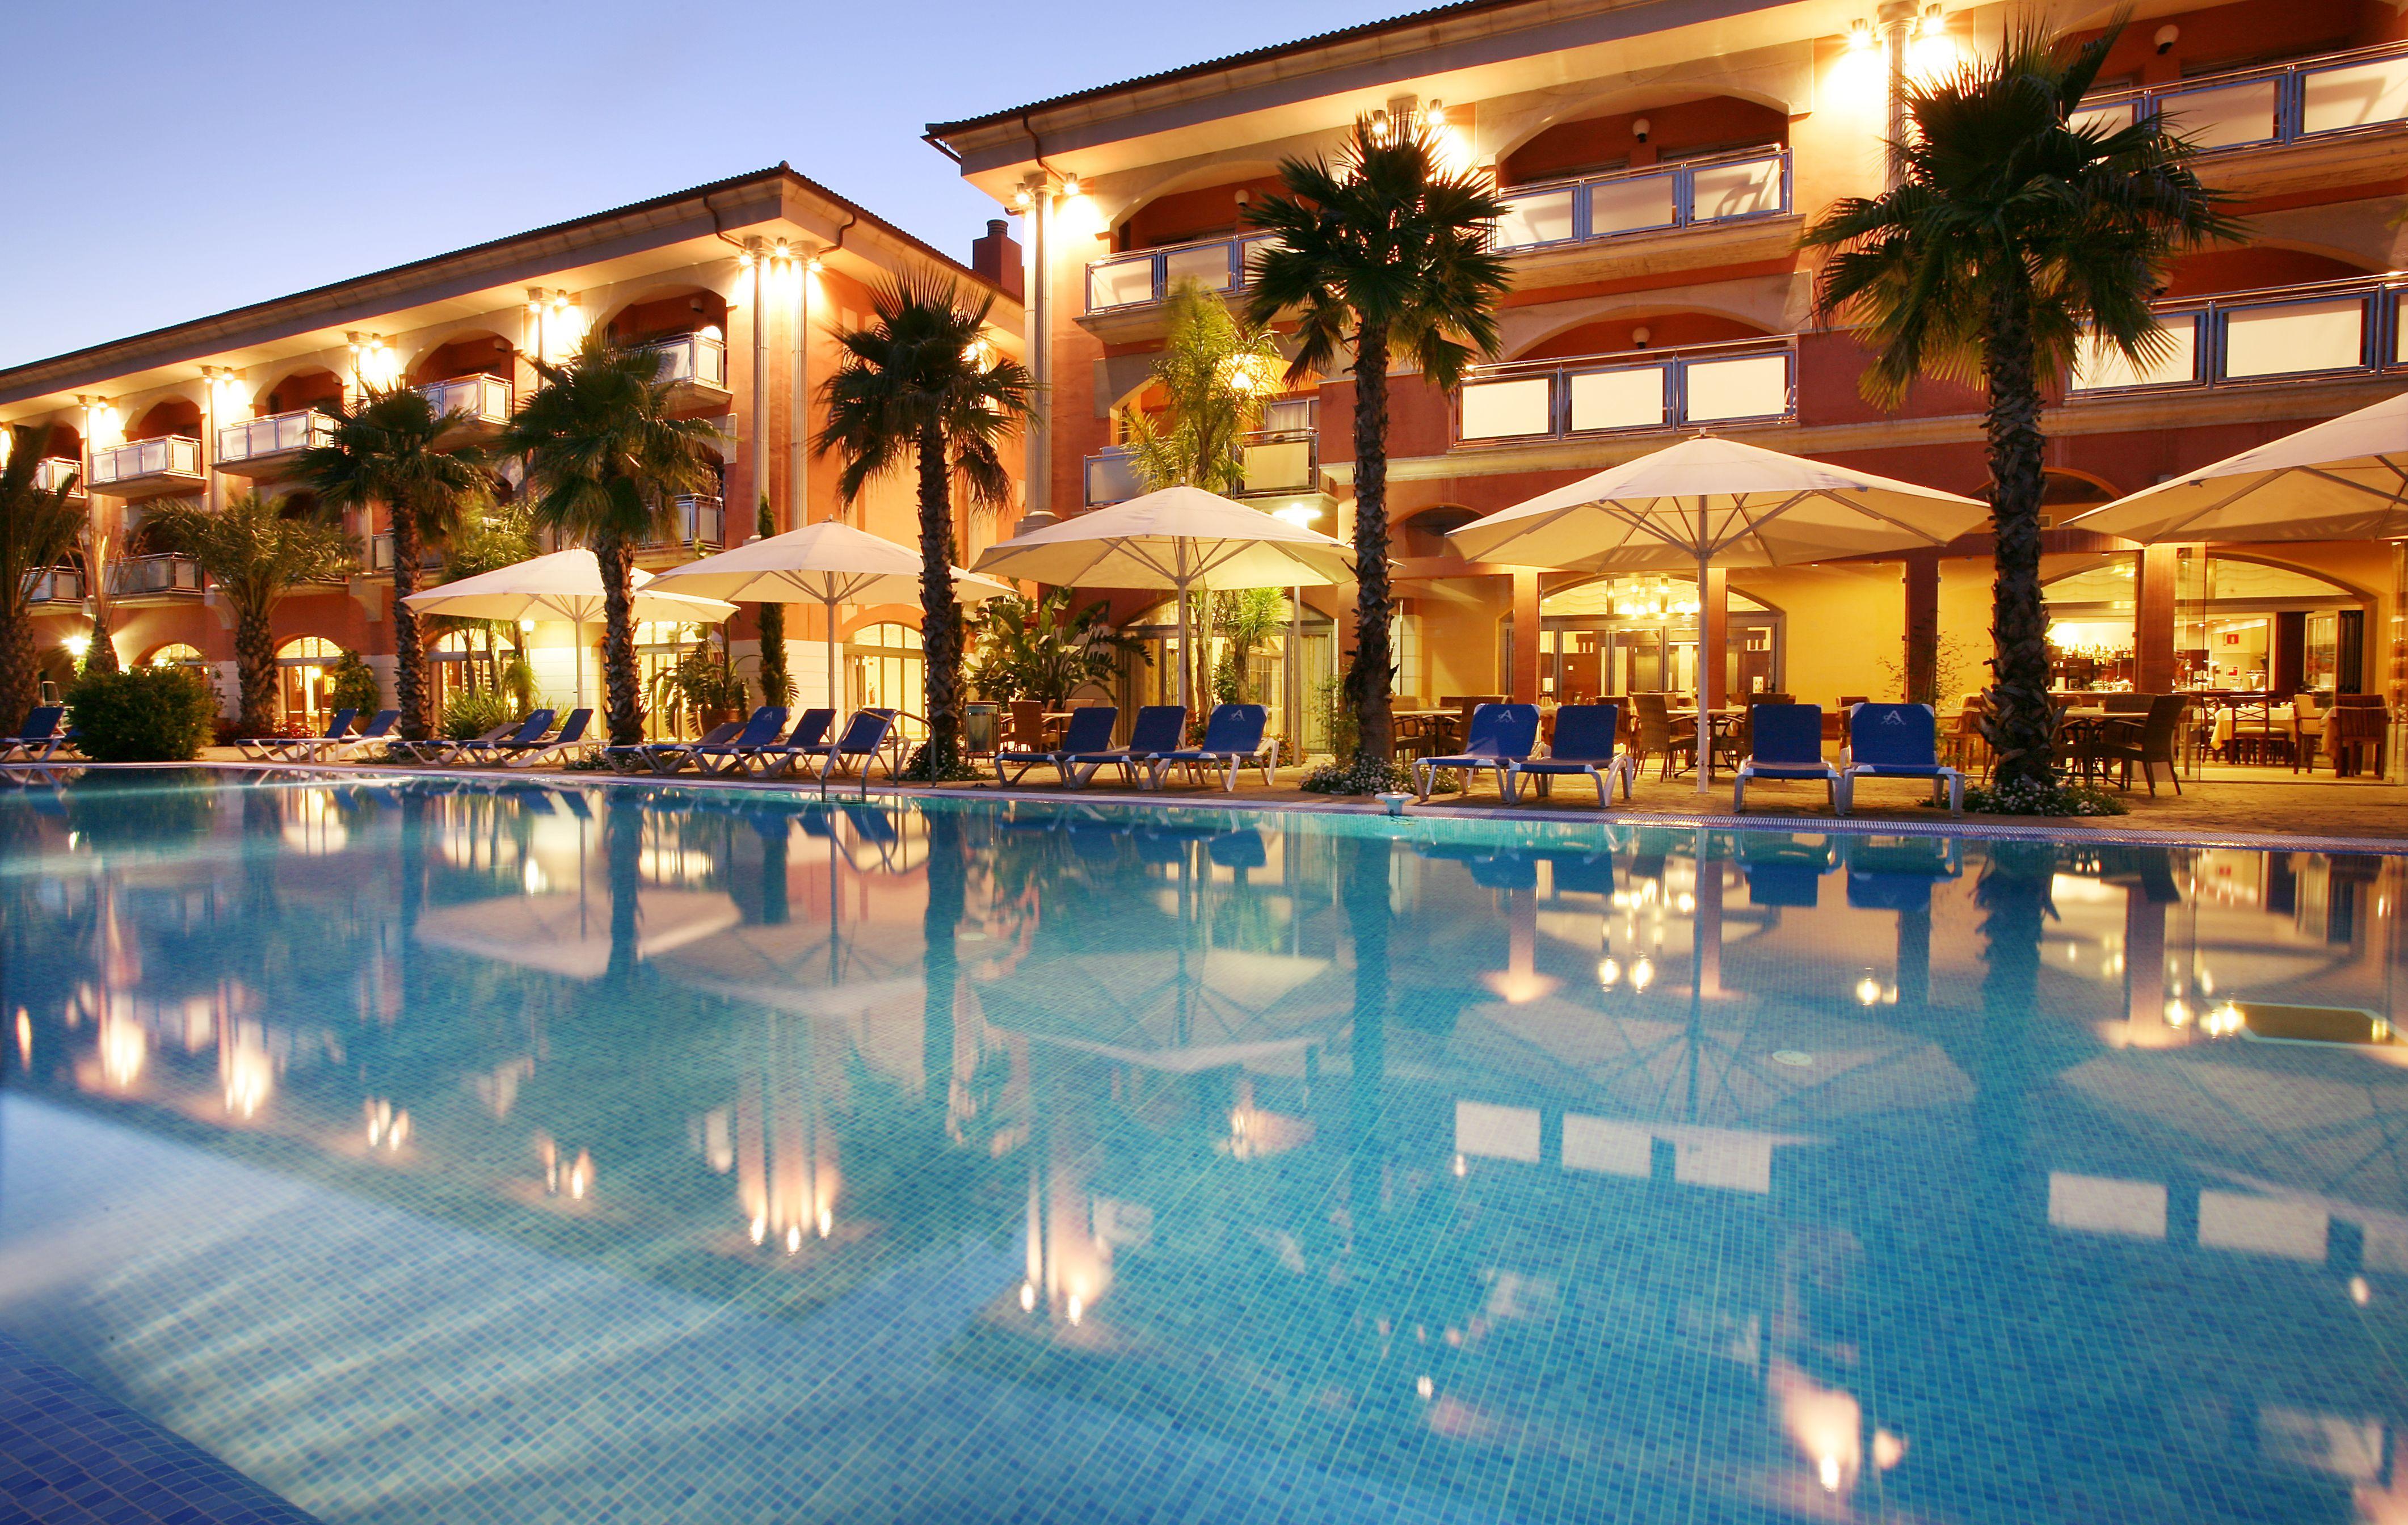 Allsun Hotels Auf Mallorca Erhalten Neuschliff Und Bieten Gasten Im